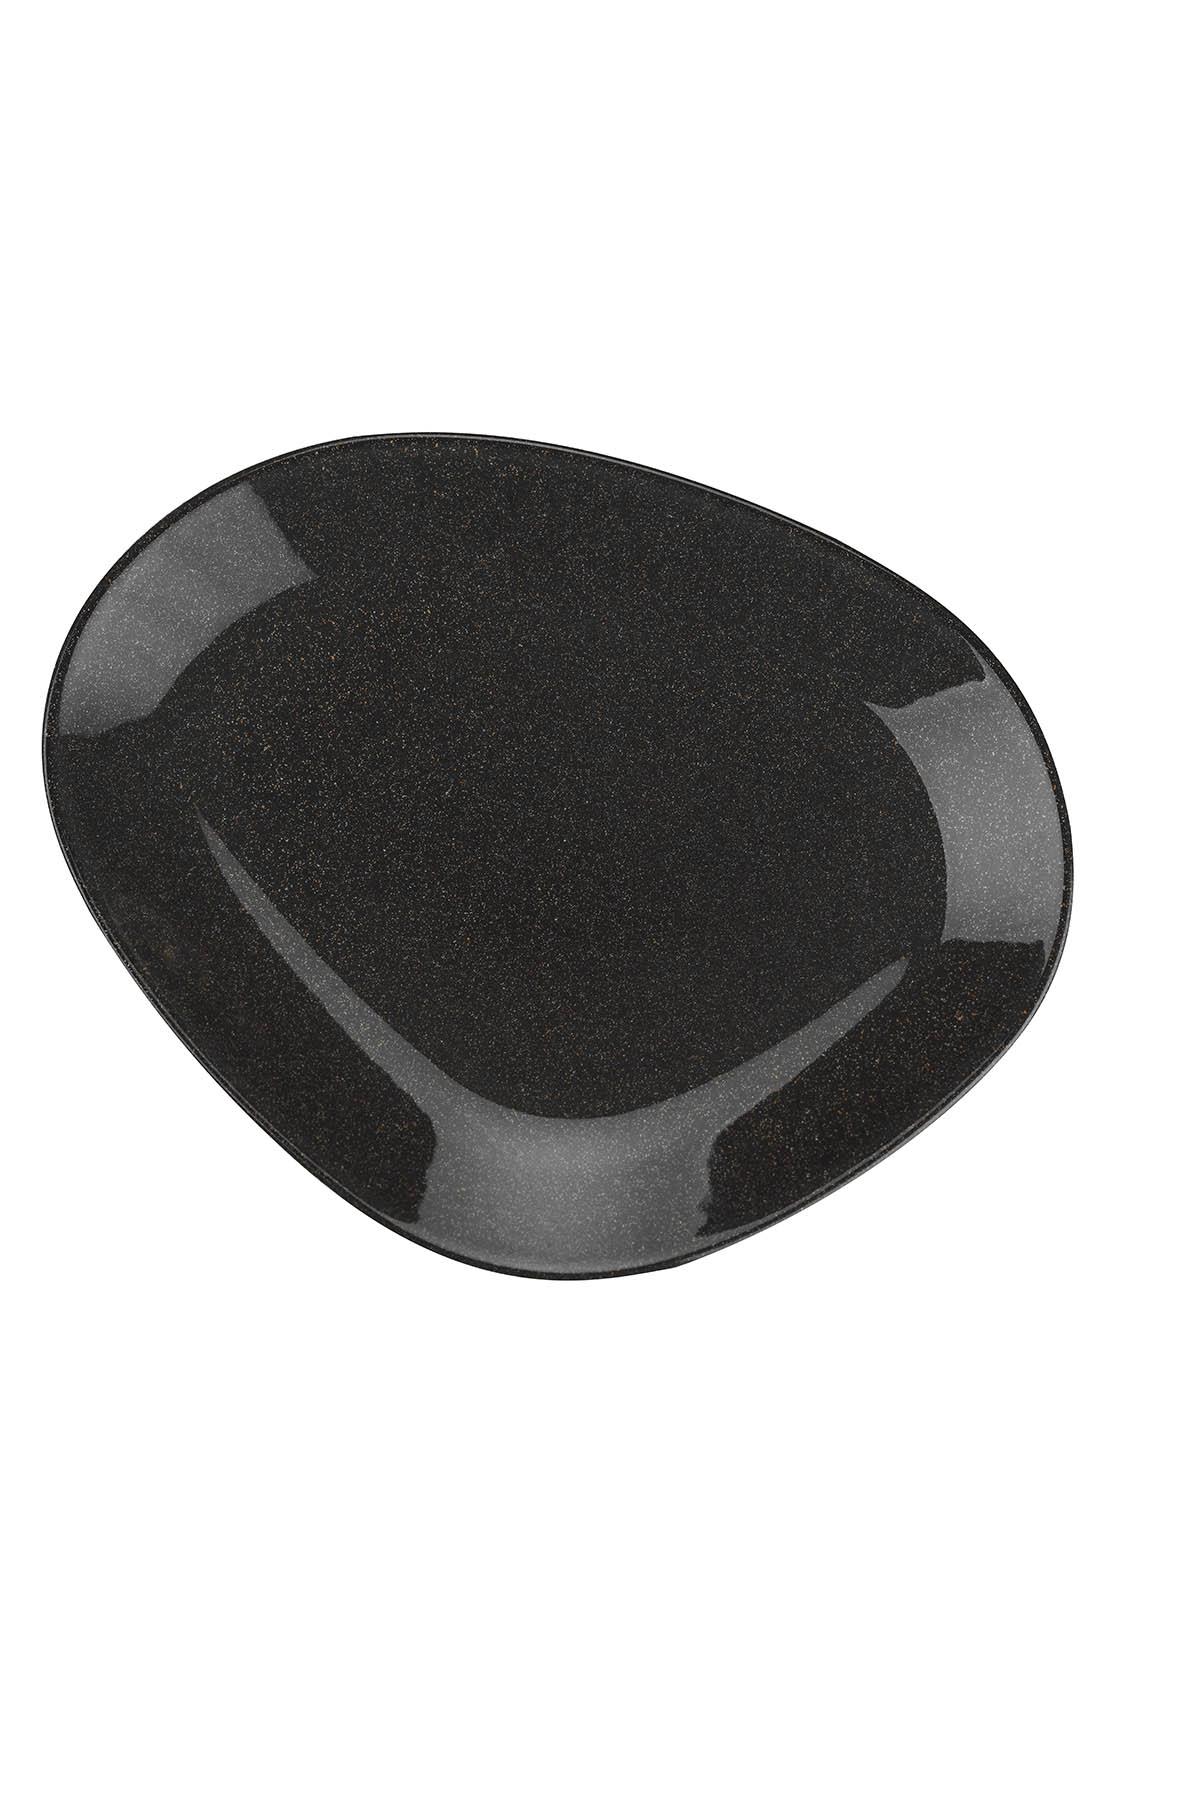 Corendon - Galaxy 2 Li 30 Cm Duz Tabak Parlak Antrasit Renk